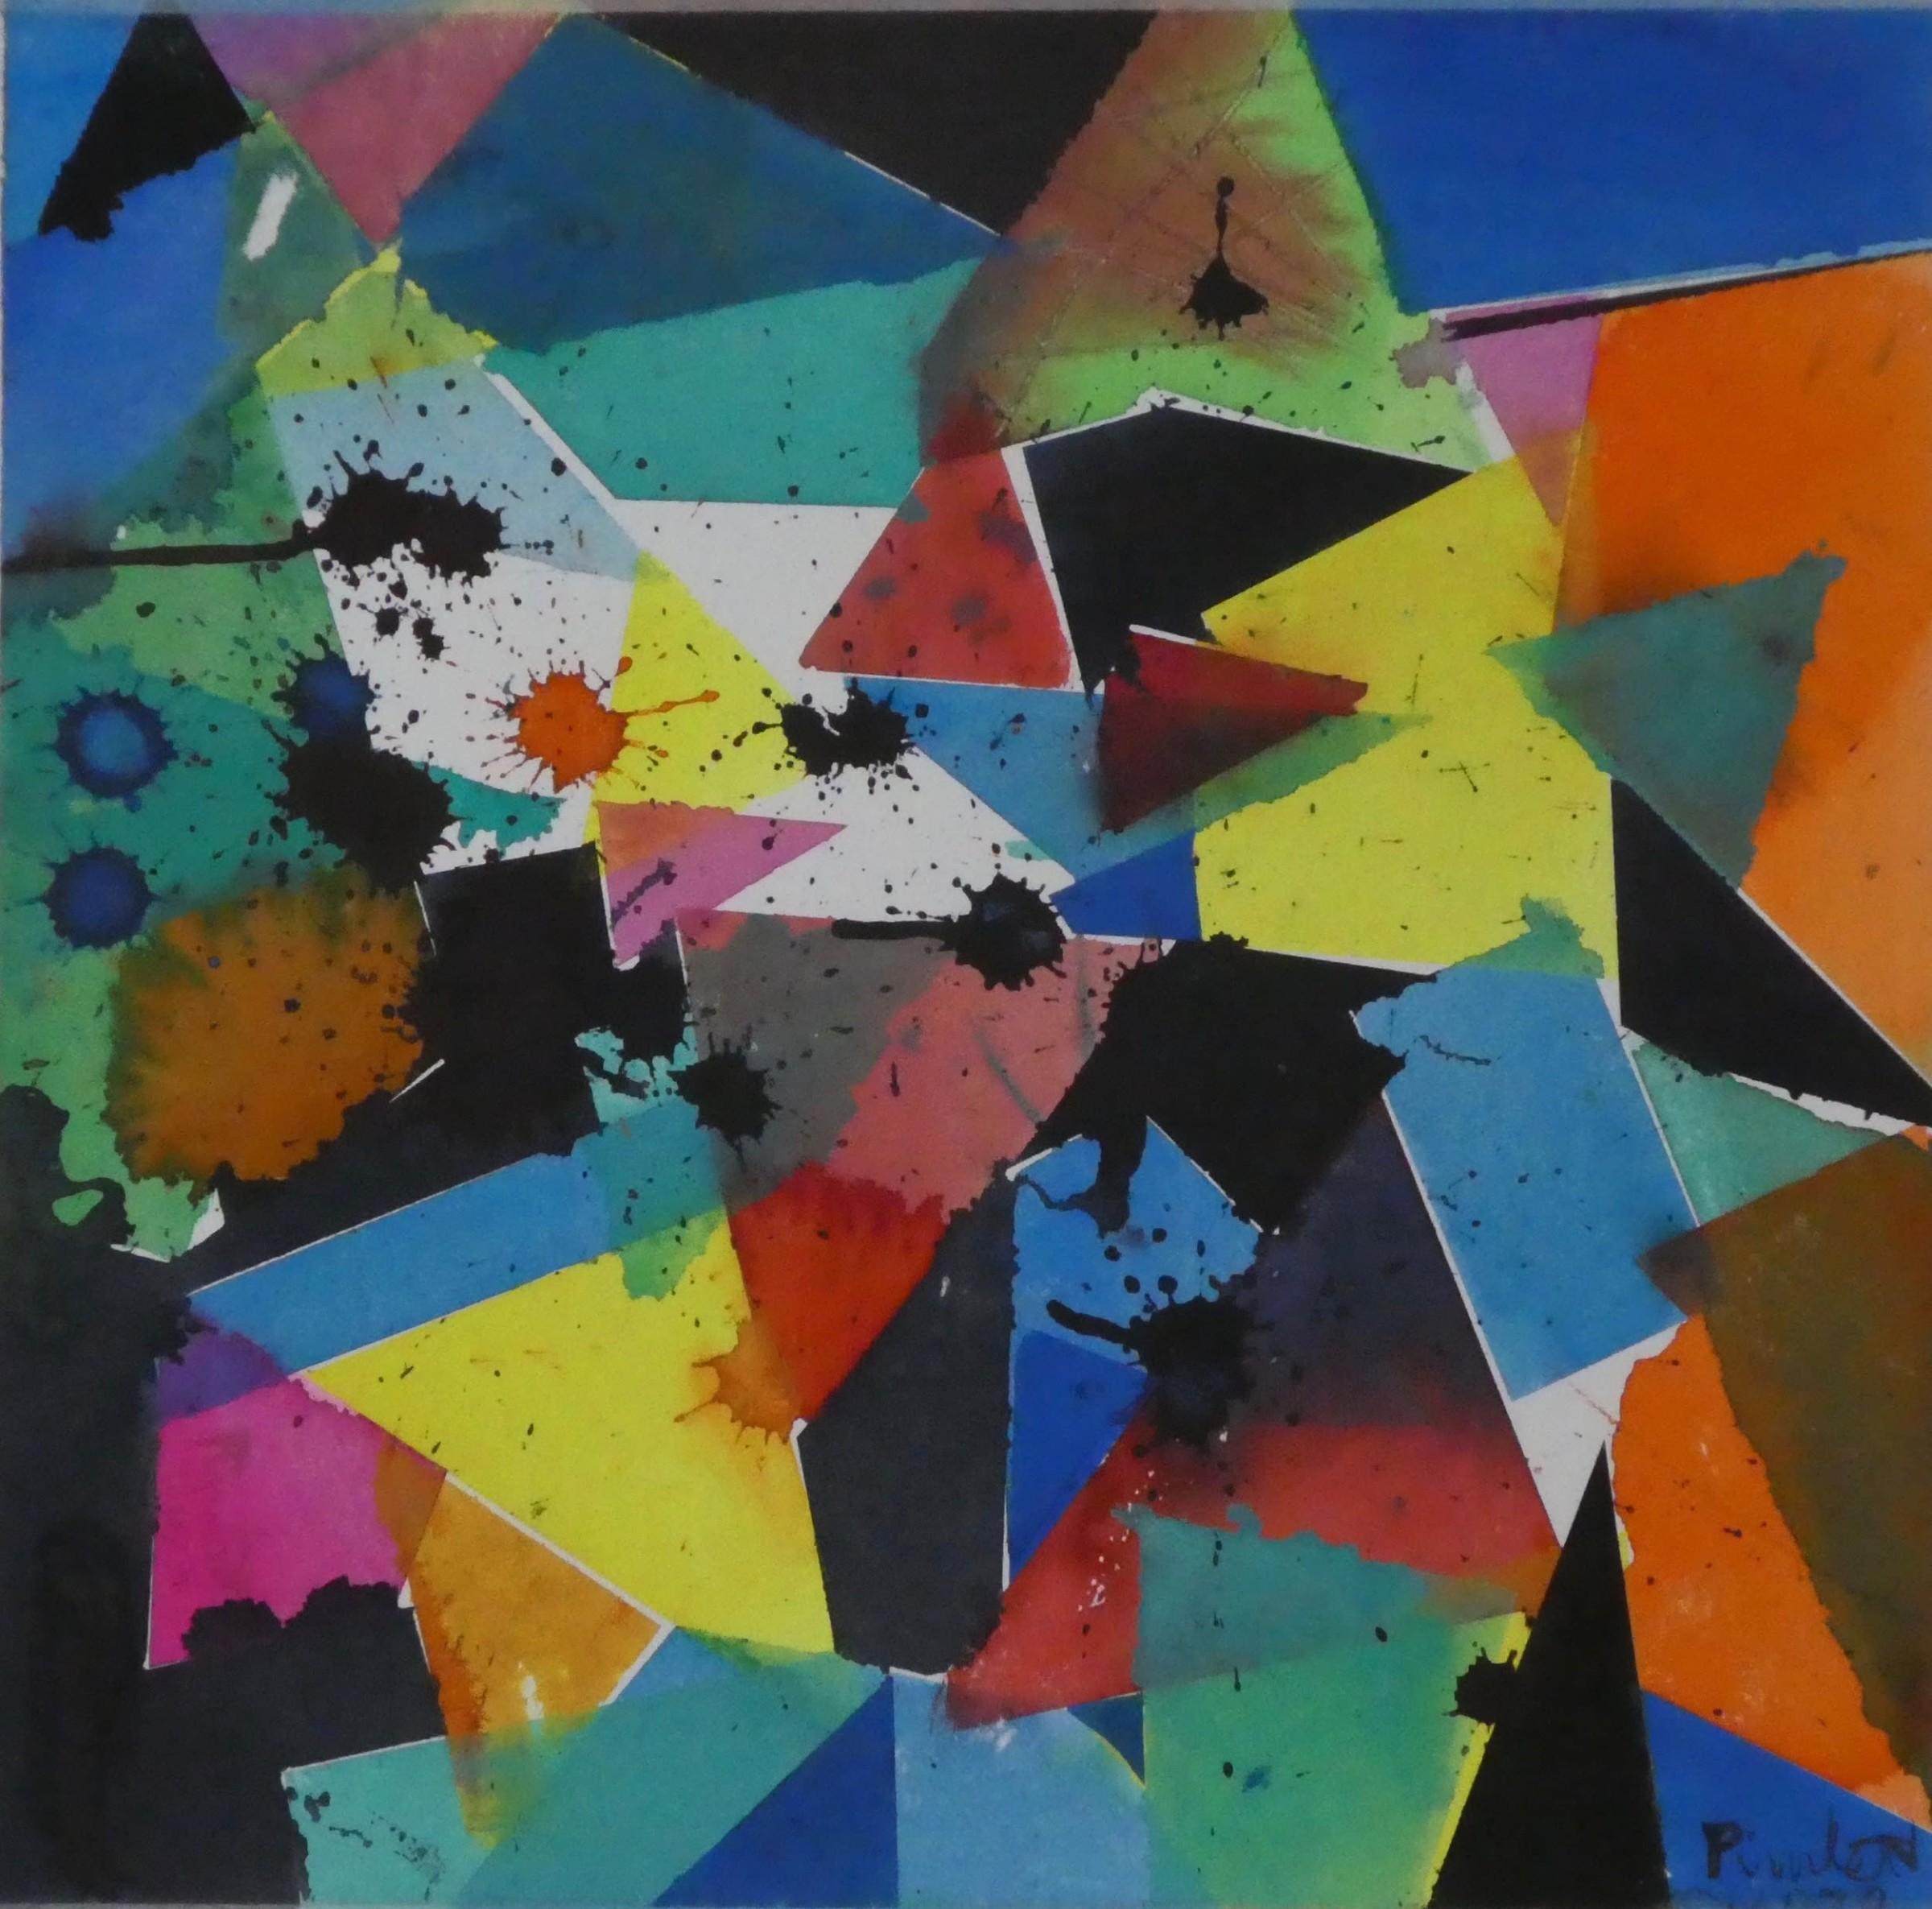 """<span class=""""link fancybox-details-link""""><a href=""""/artists/93-geoffrey-pimlott/works/12615-geoffrey-pimlott-corona-colours/"""">View Detail Page</a></span><div class=""""artist""""><span class=""""artist""""><strong>Geoffrey Pimlott</strong></span></div><div class=""""title""""><em>Corona Colours</em></div><div class=""""medium"""">watercolour</div><div class=""""dimensions"""">36.5 x 39cm</div><div class=""""price"""">£250.00</div>"""